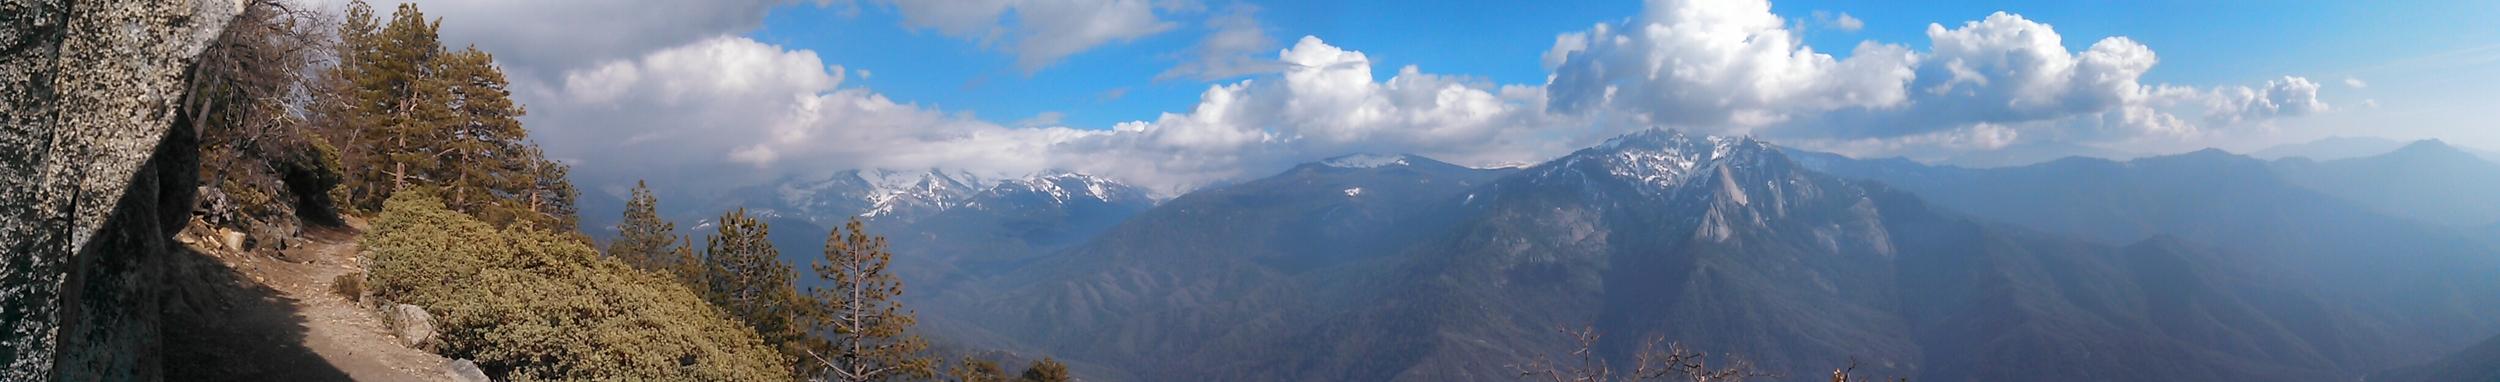 High Sierra Trail3.jpg